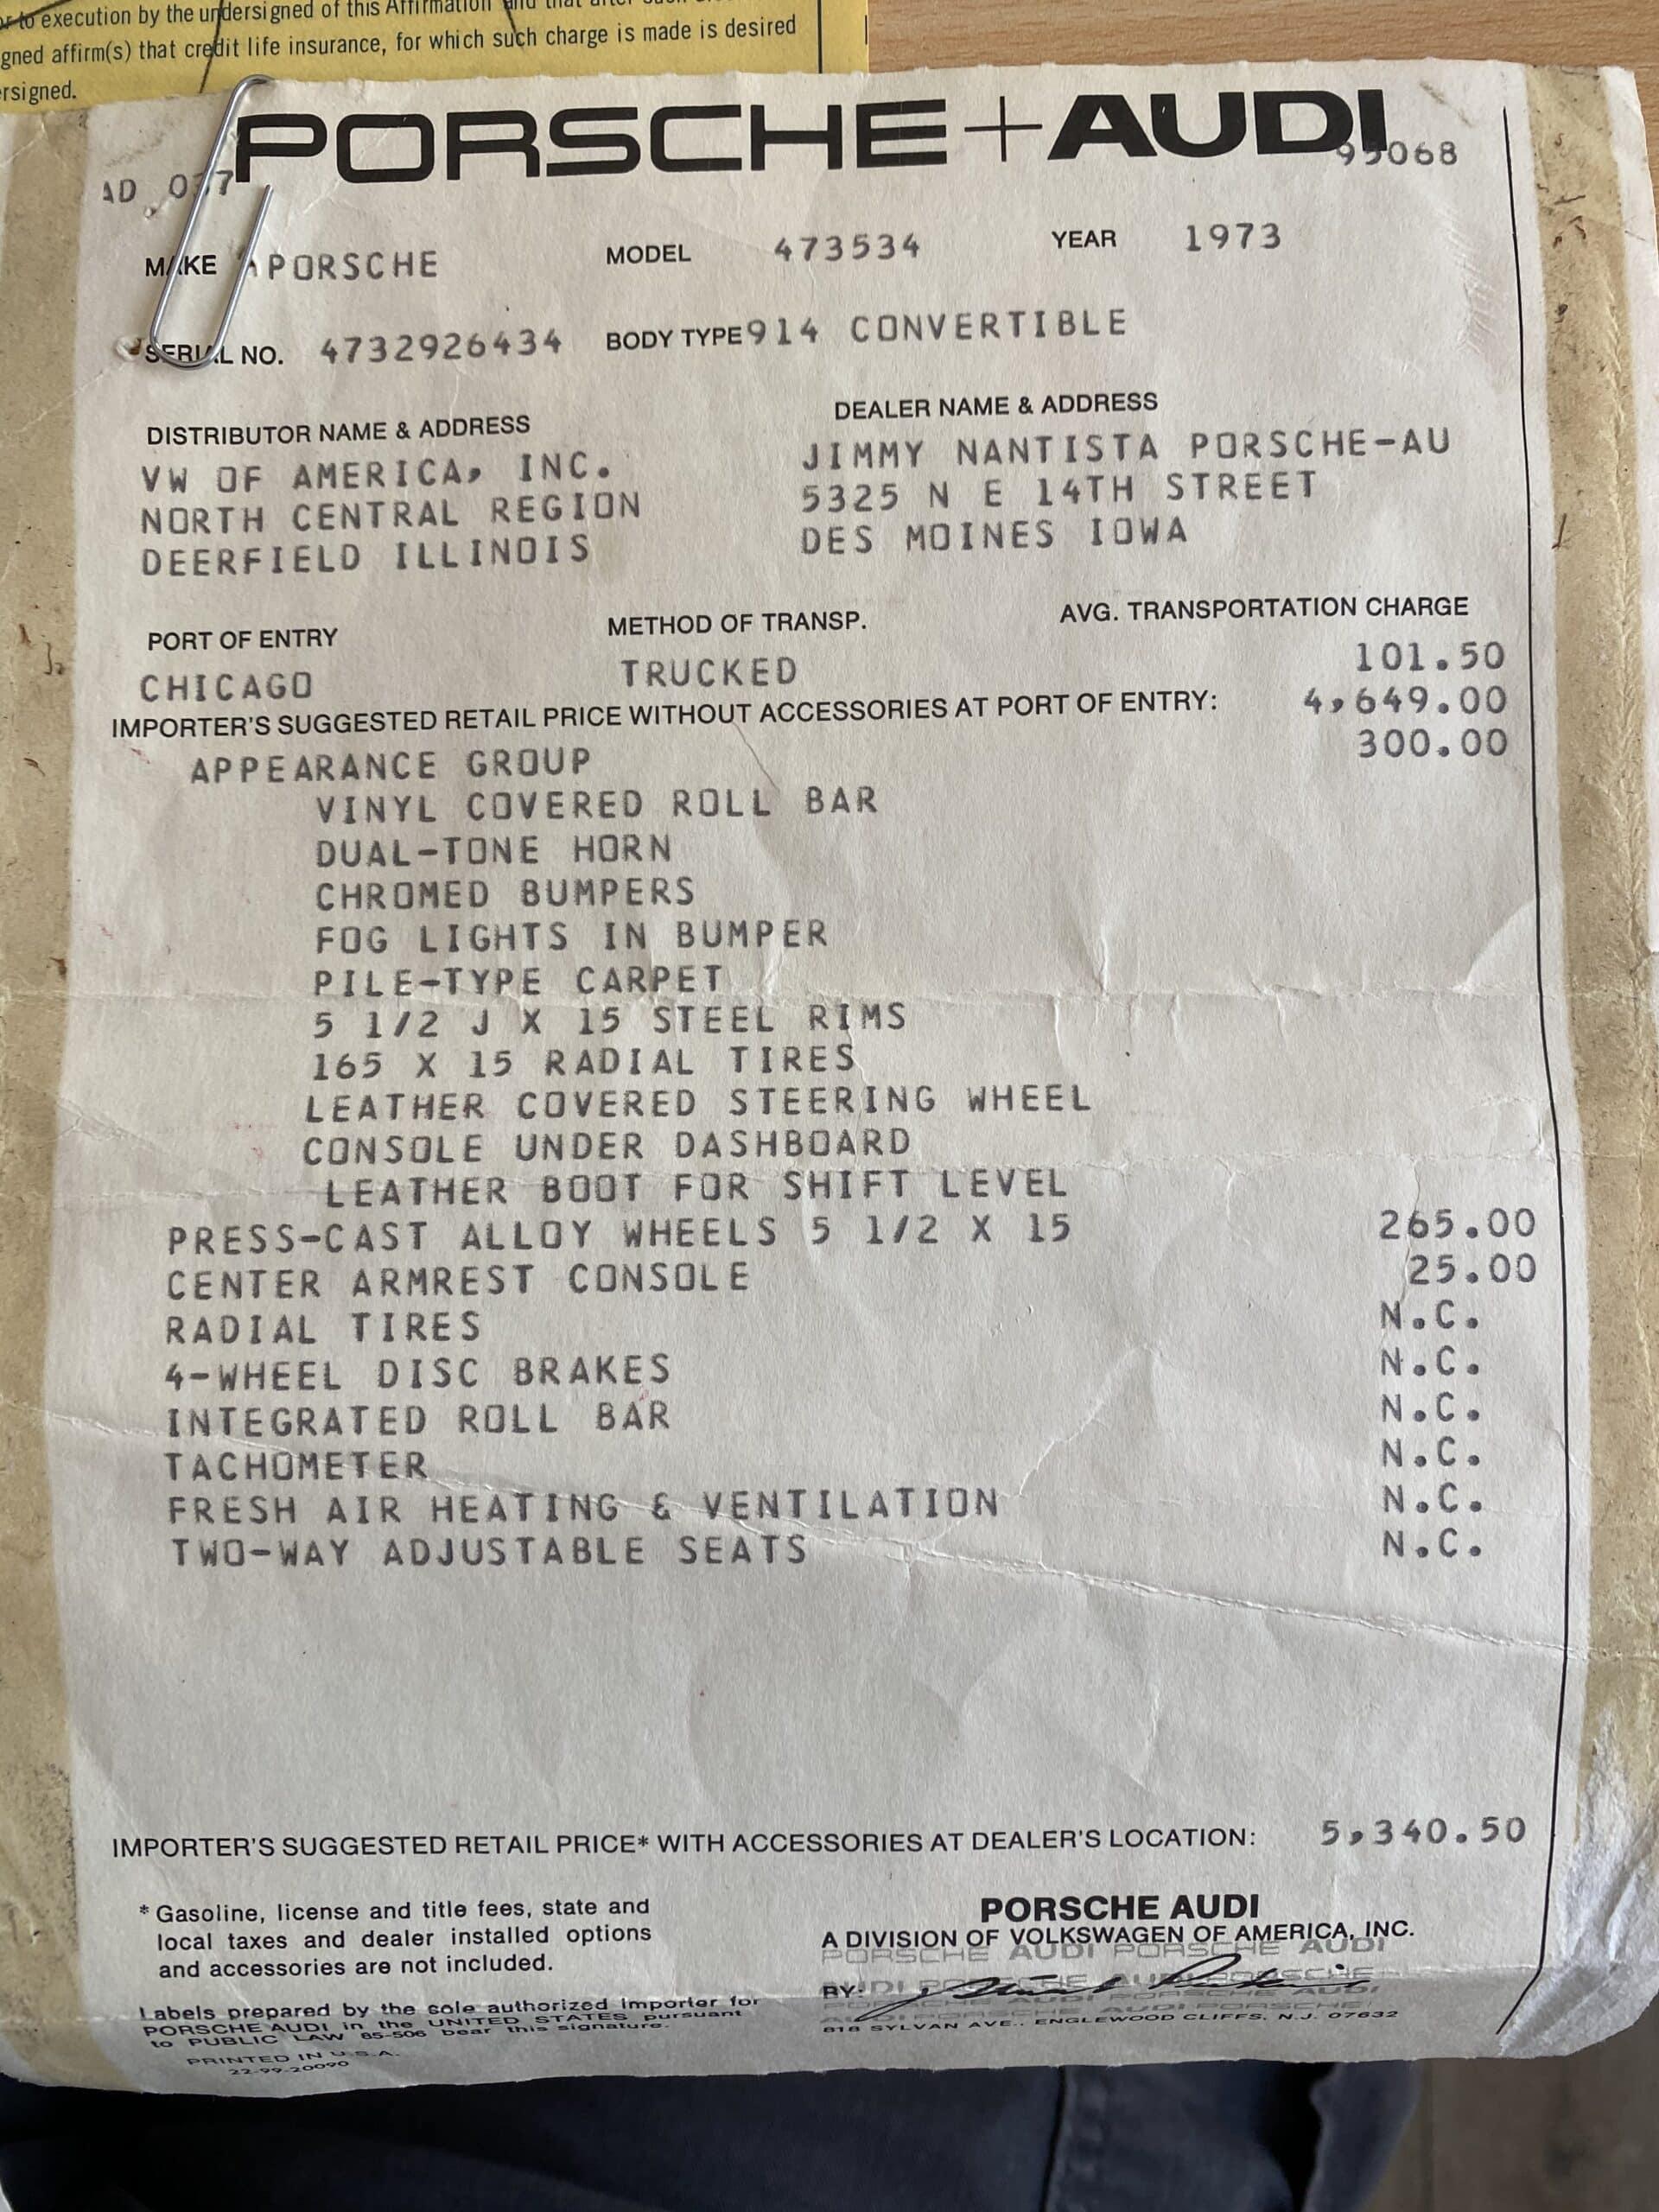 1973 Porsche 914 1 OWNER – 13,995 ACTUAL MILES -ORIGINAL PAINT – TIME CAPSULE OLYMPIC BLUE – SURVIVOR – ORIGINAL TITLE